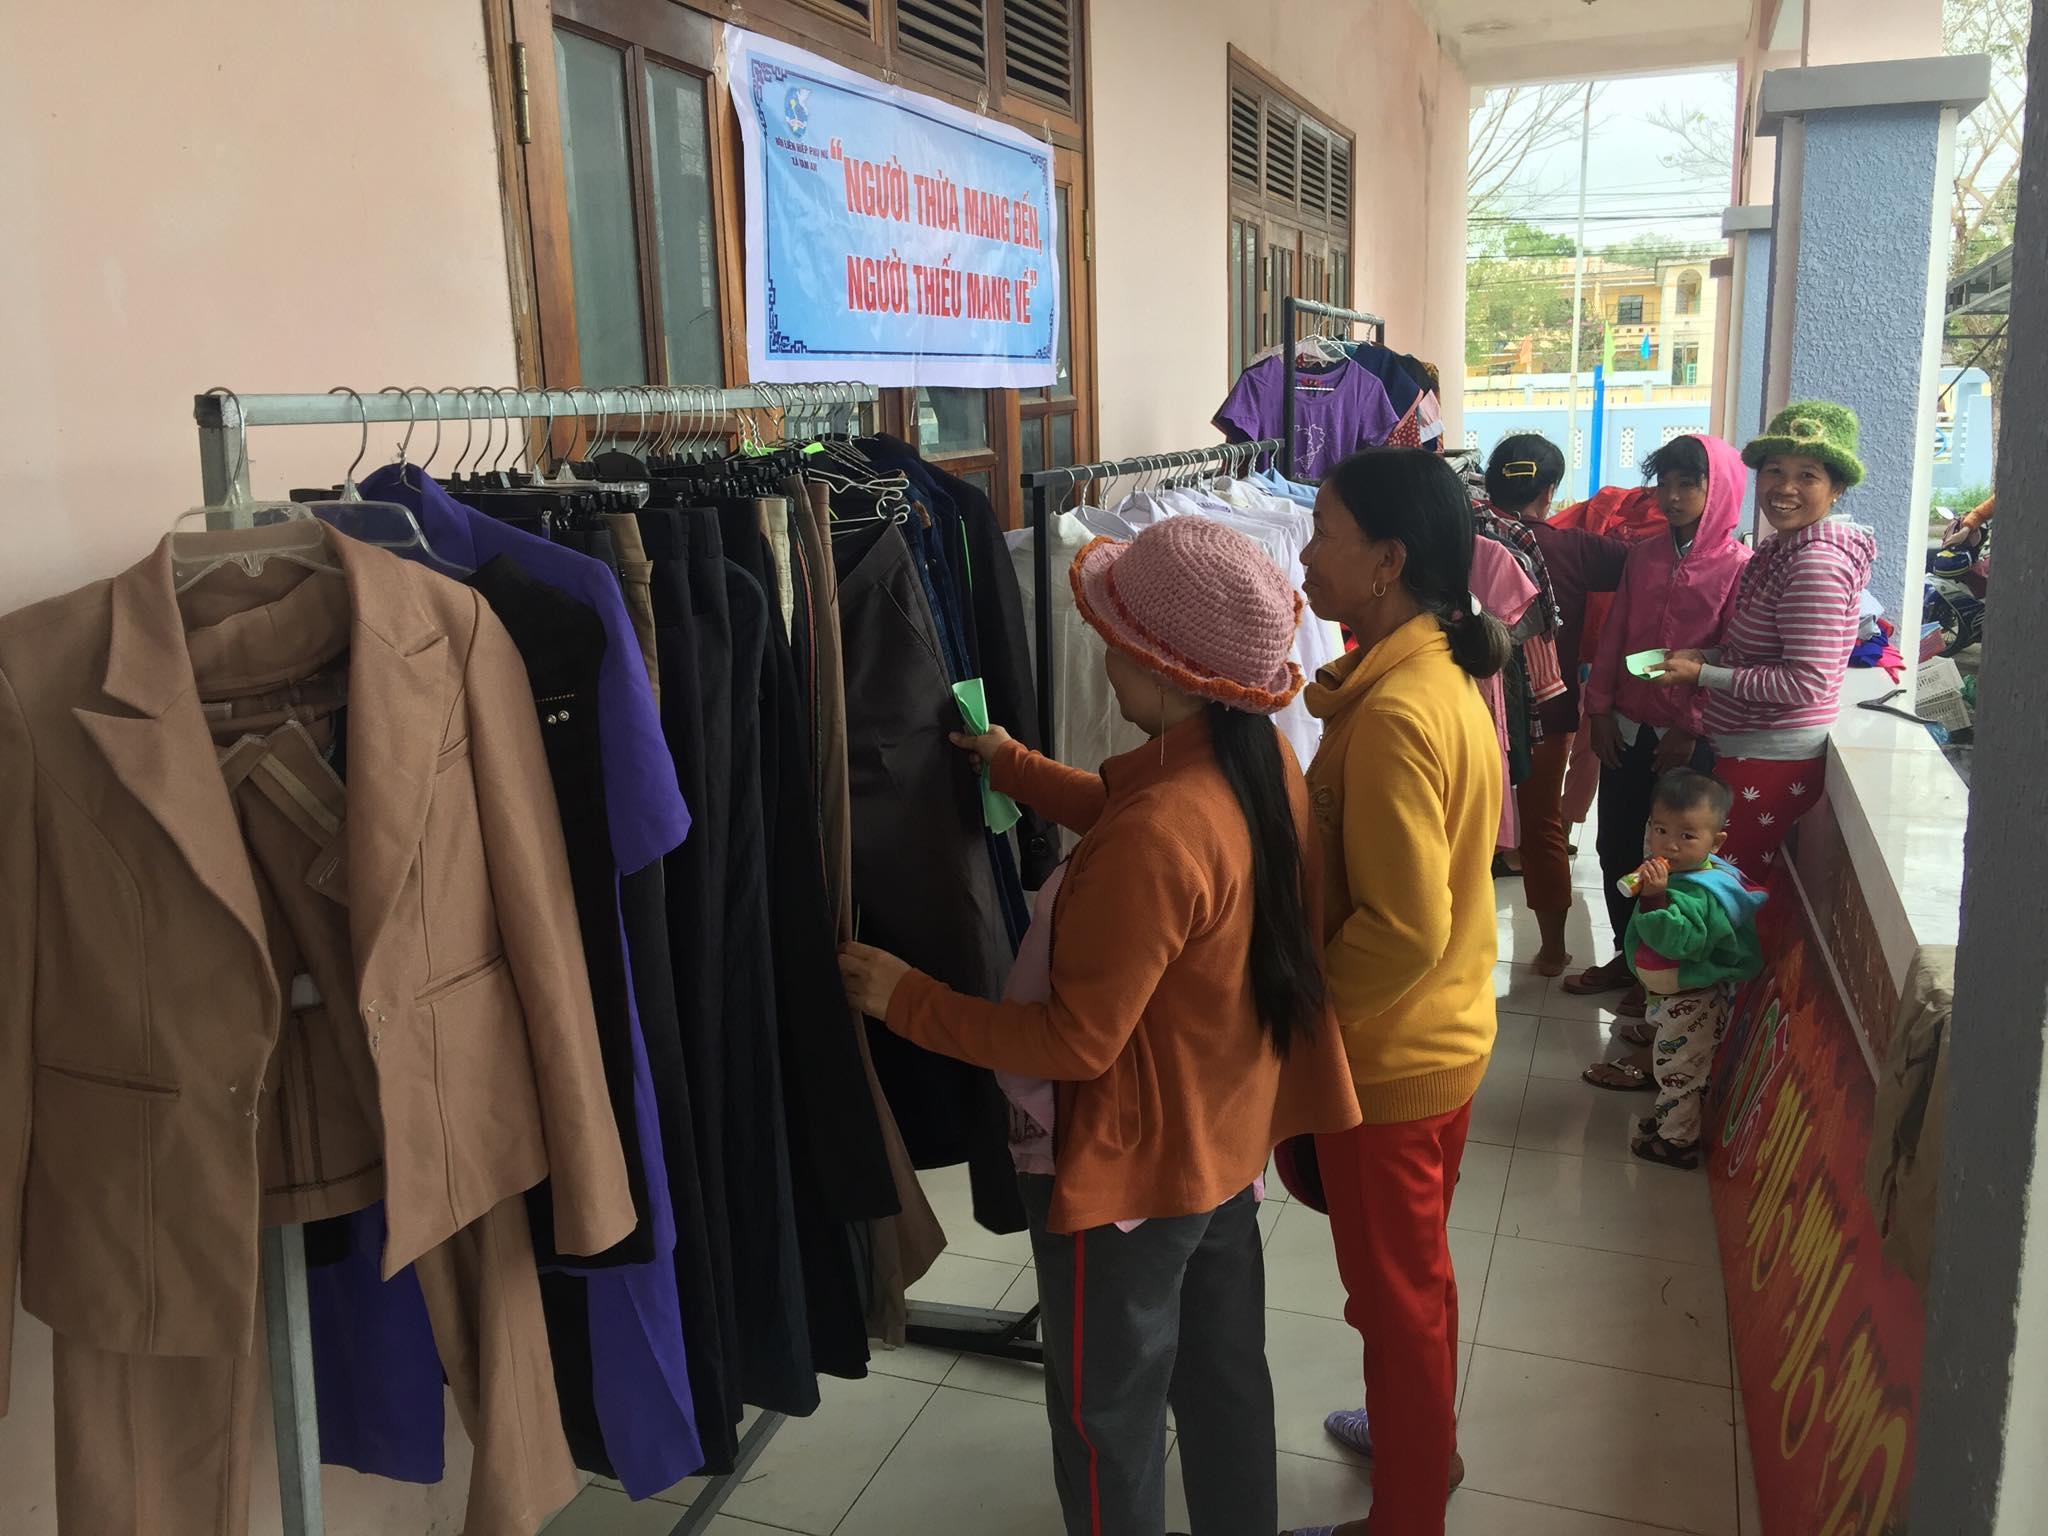 Nhiều bà con chon lấy quần áo cho mình tại gian hàng quần áo từ thiện. Ảnh: L.T